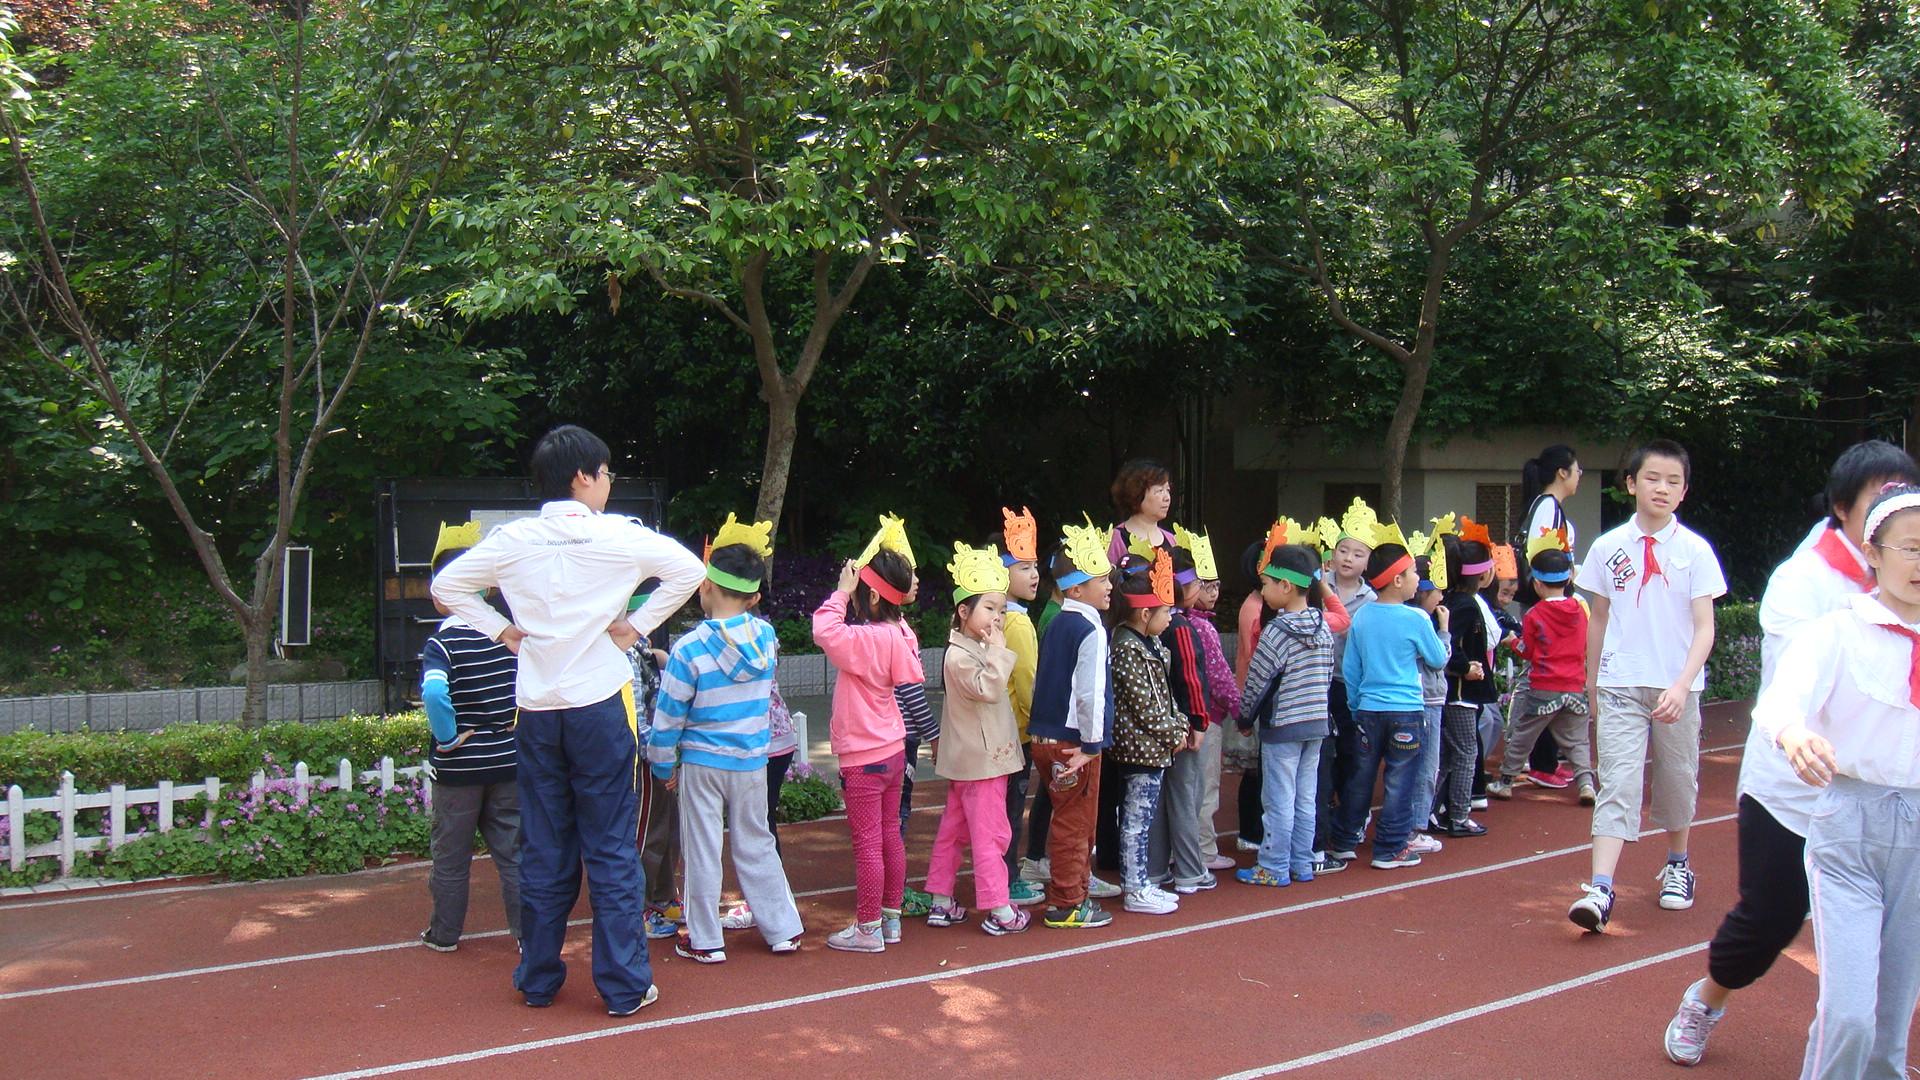 接着,礼仪小学生带着我们参观了小学操场,老师介绍了种在花园里的各种图片